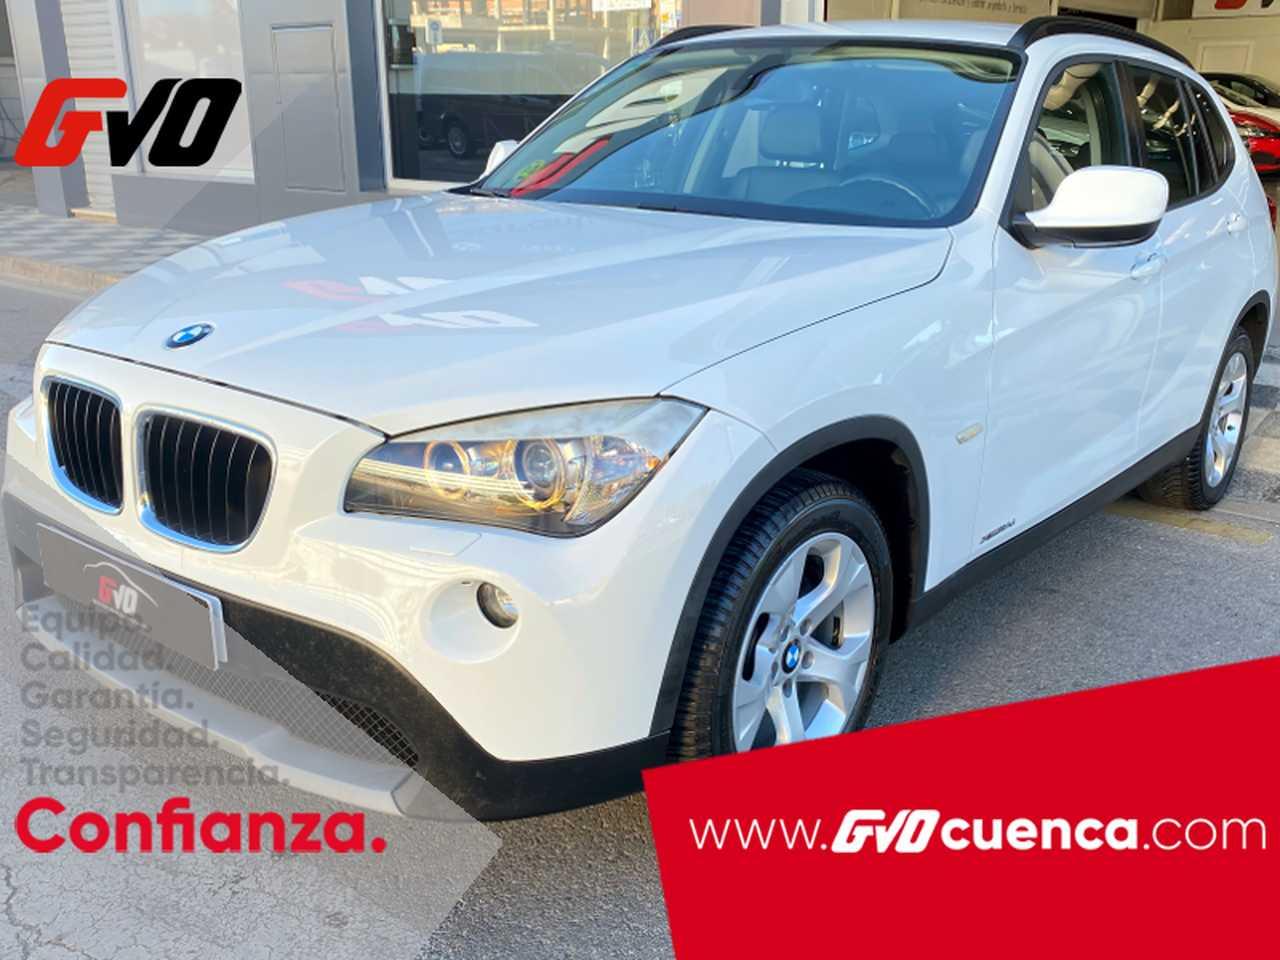 BMW X1 XDRIVE 18D 143 CV   - Foto 1